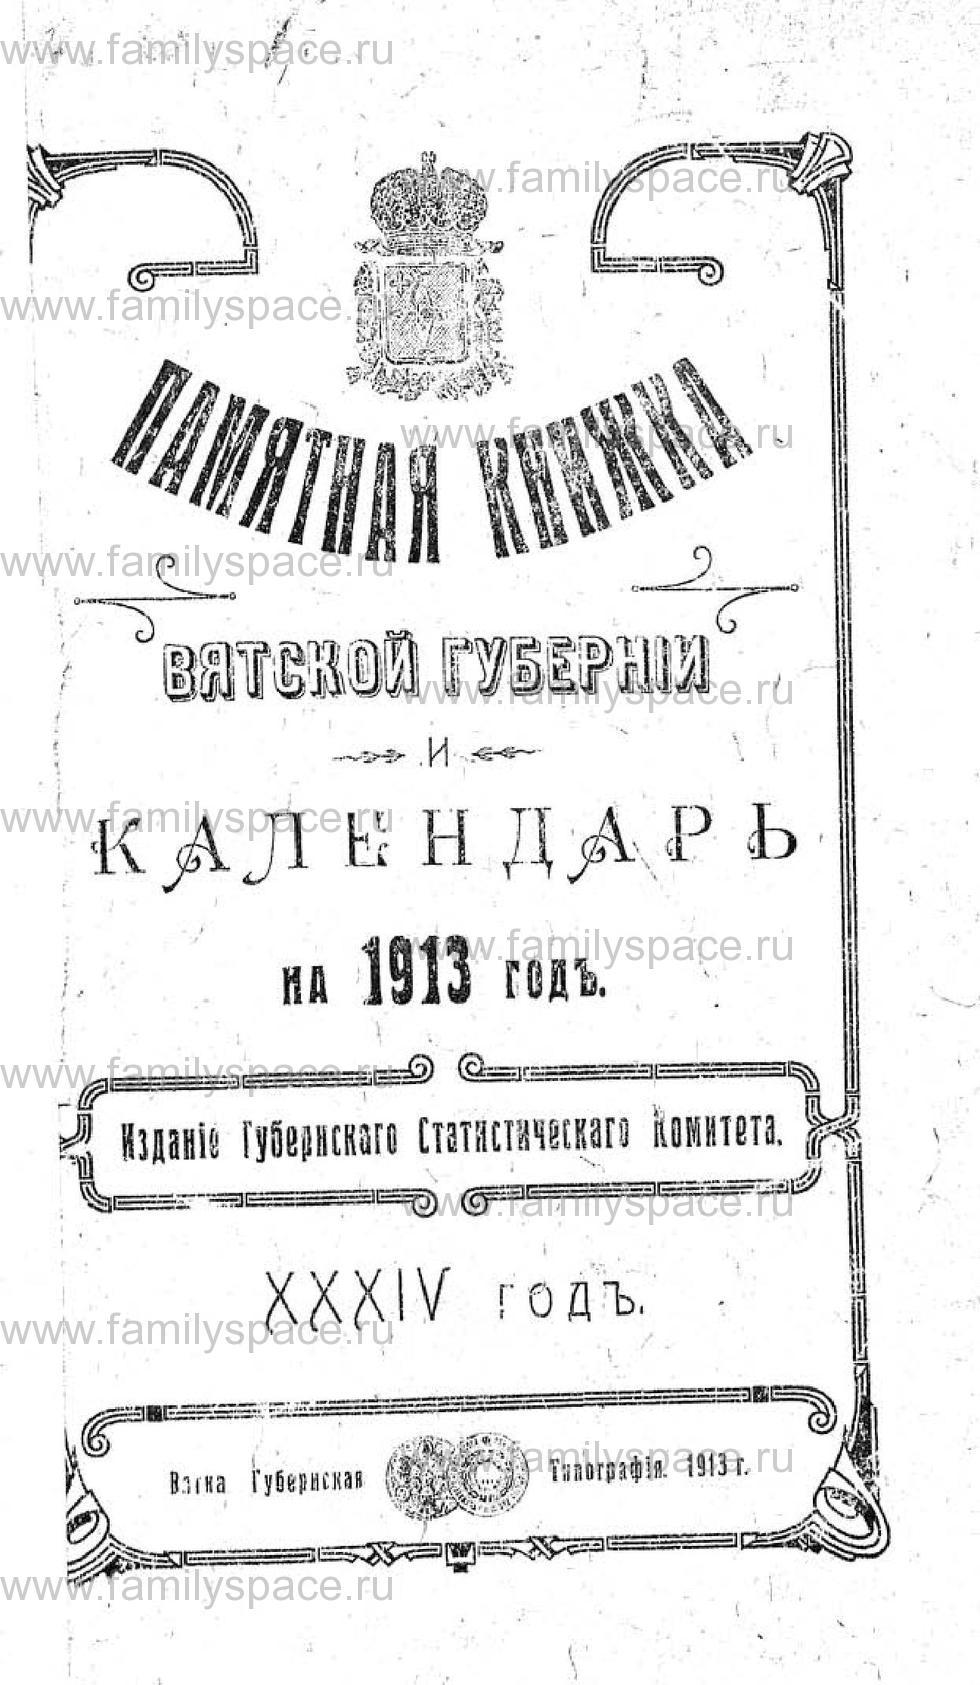 Поиск по фамилии - Памятная книжка Вятской губернии и календарь на 1913 год, страница 1